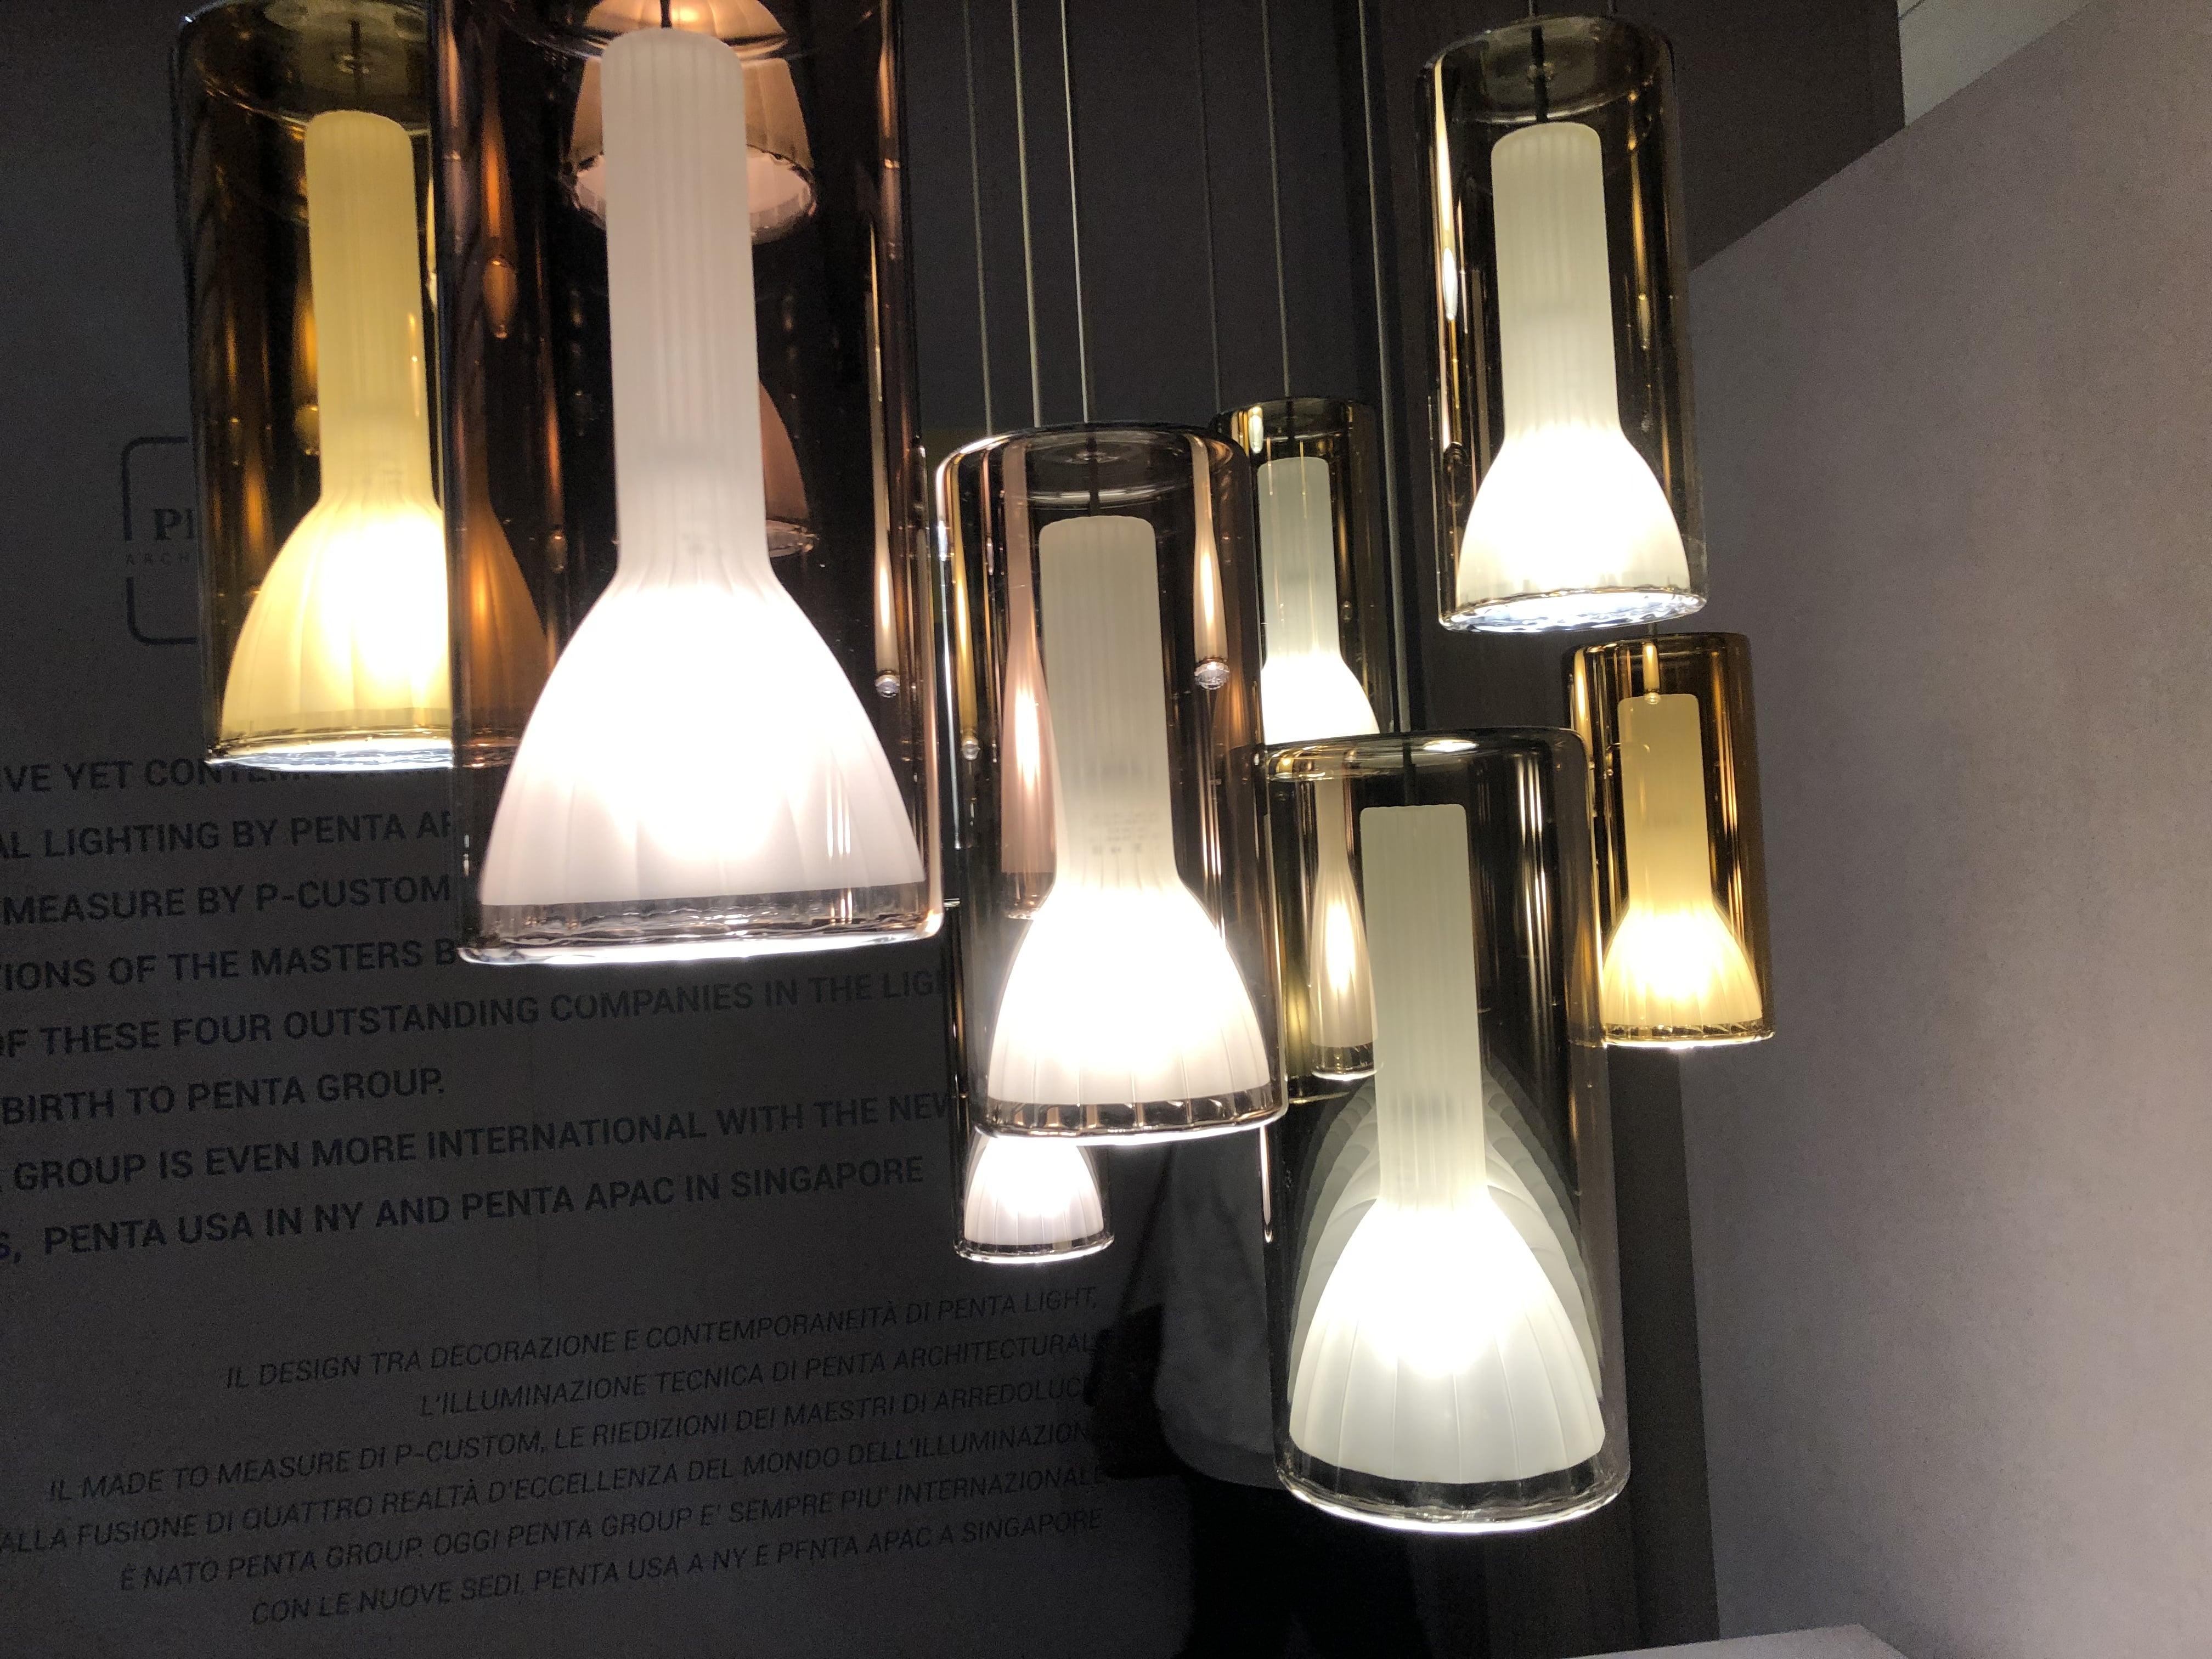 Nieuws uit Milaan Euroluce verlichtingsbeurs 2019Nieuws uit Milaan Euroluce verlichtingsbeurs 2019